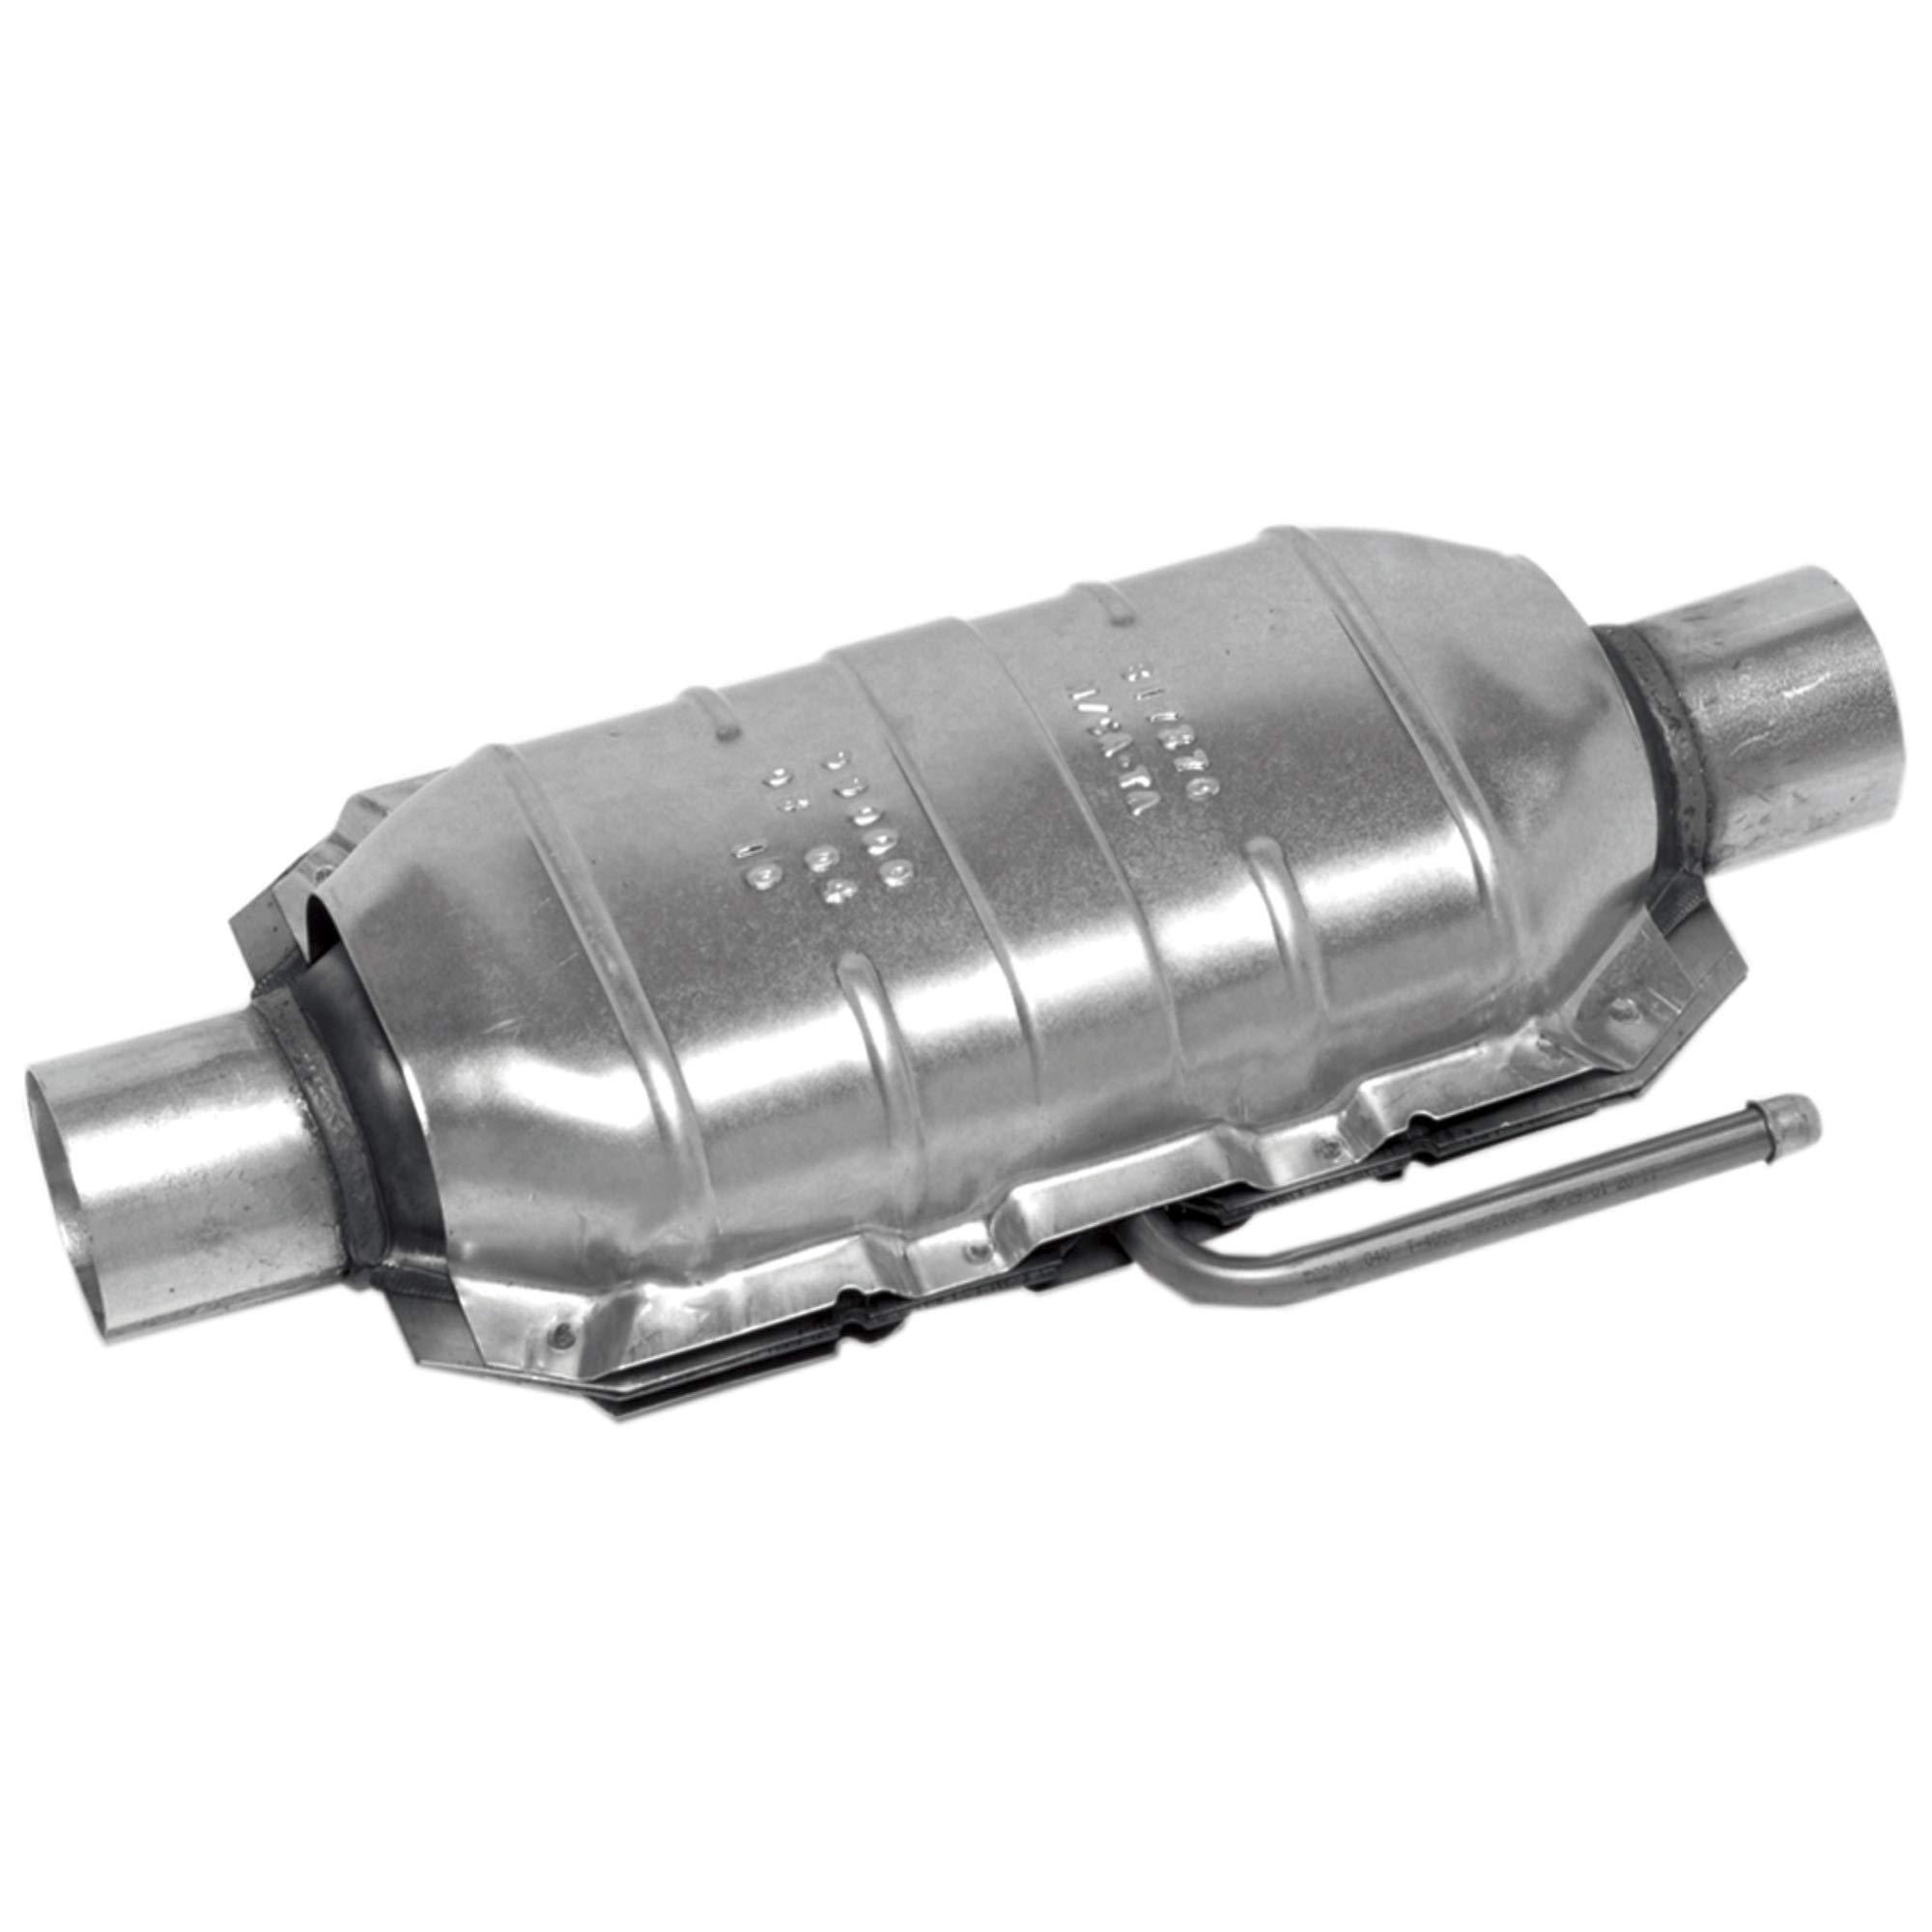 Walker Exhaust Standard EPA 15042 Universal Catalytic Converter